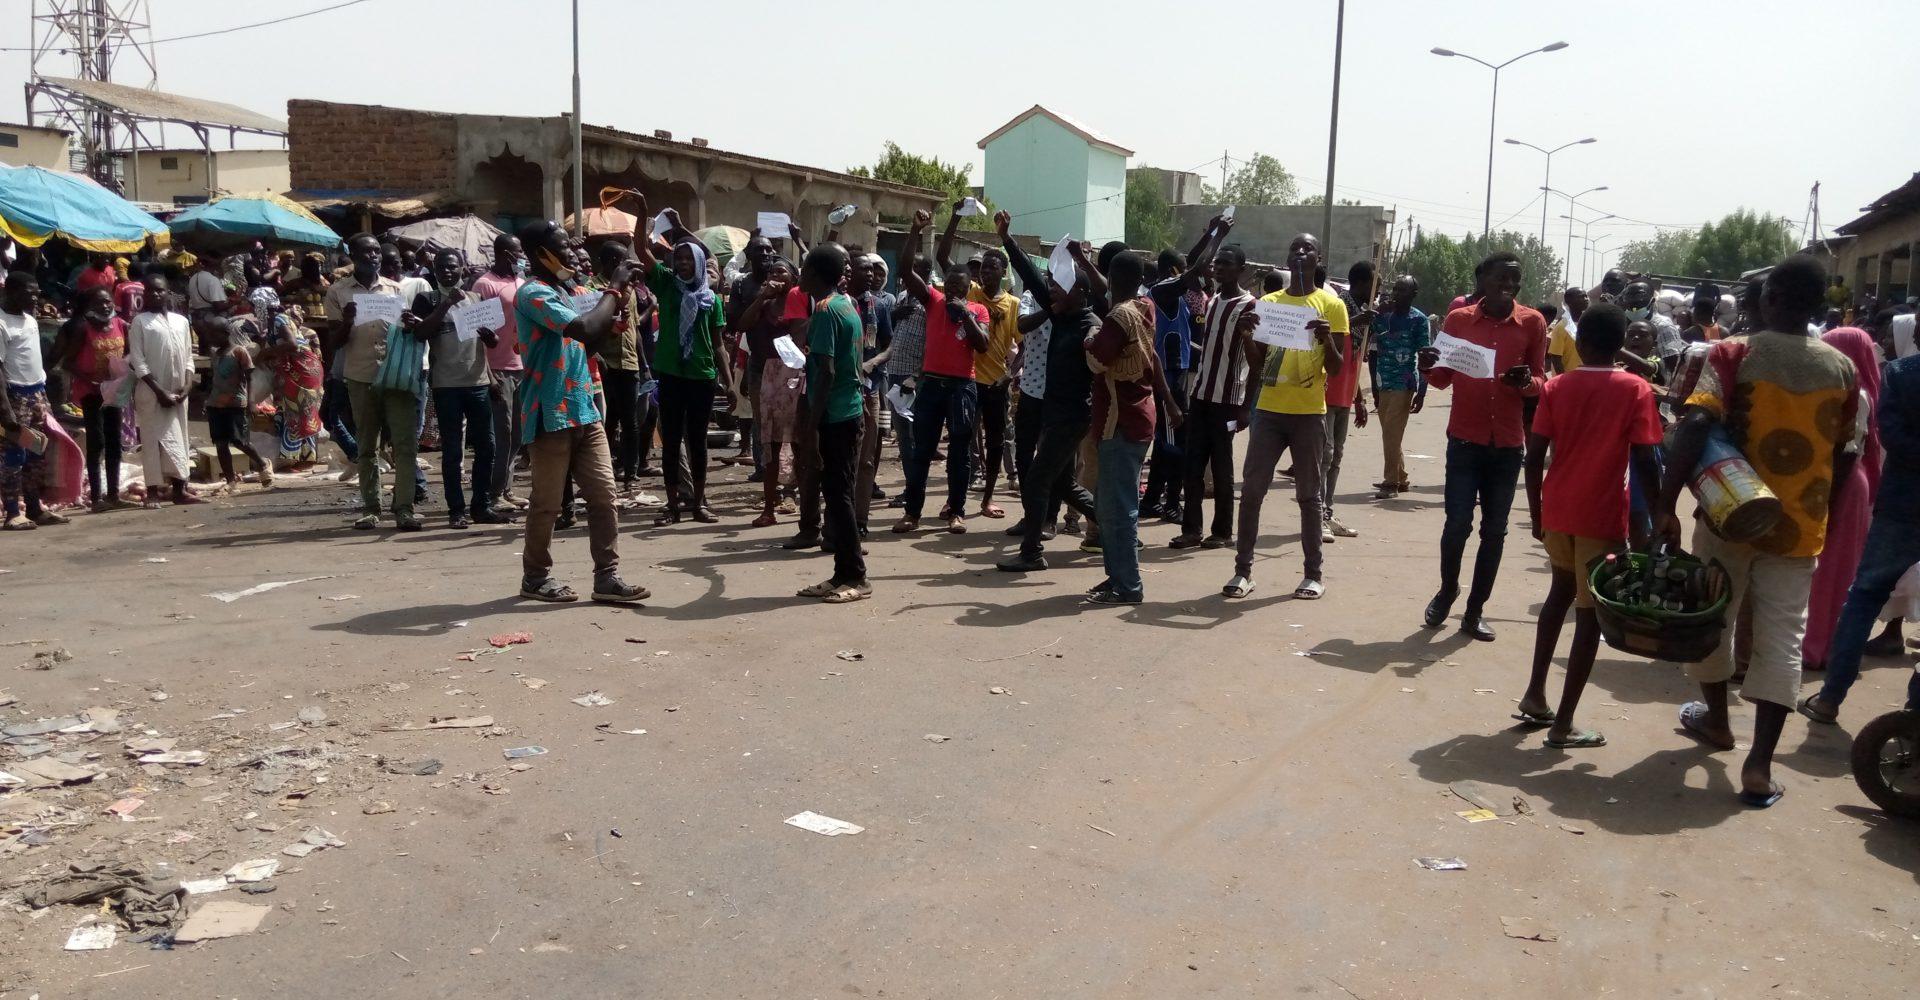 Tchad. Les morts causées par la violente répression des manifestations doivent faire l'objet d'une enquête 1